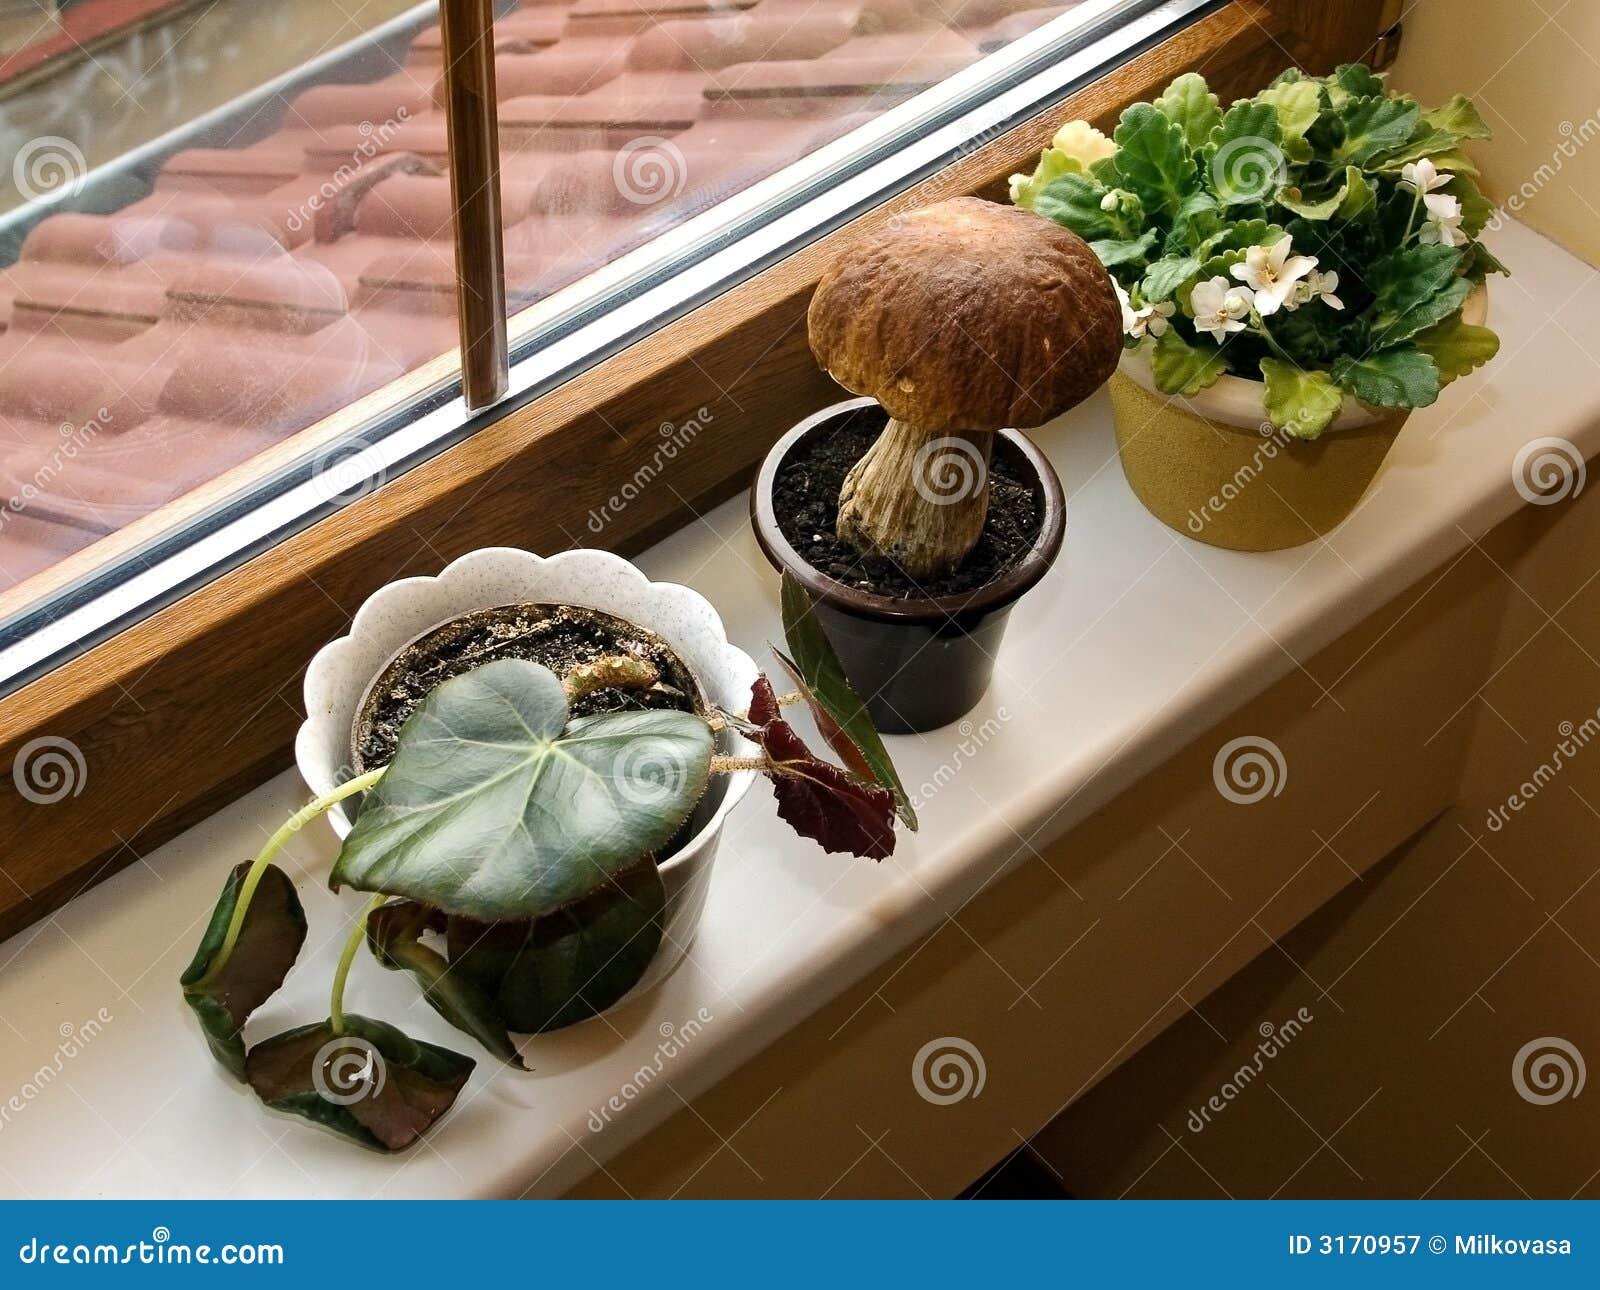 Garden on window sill